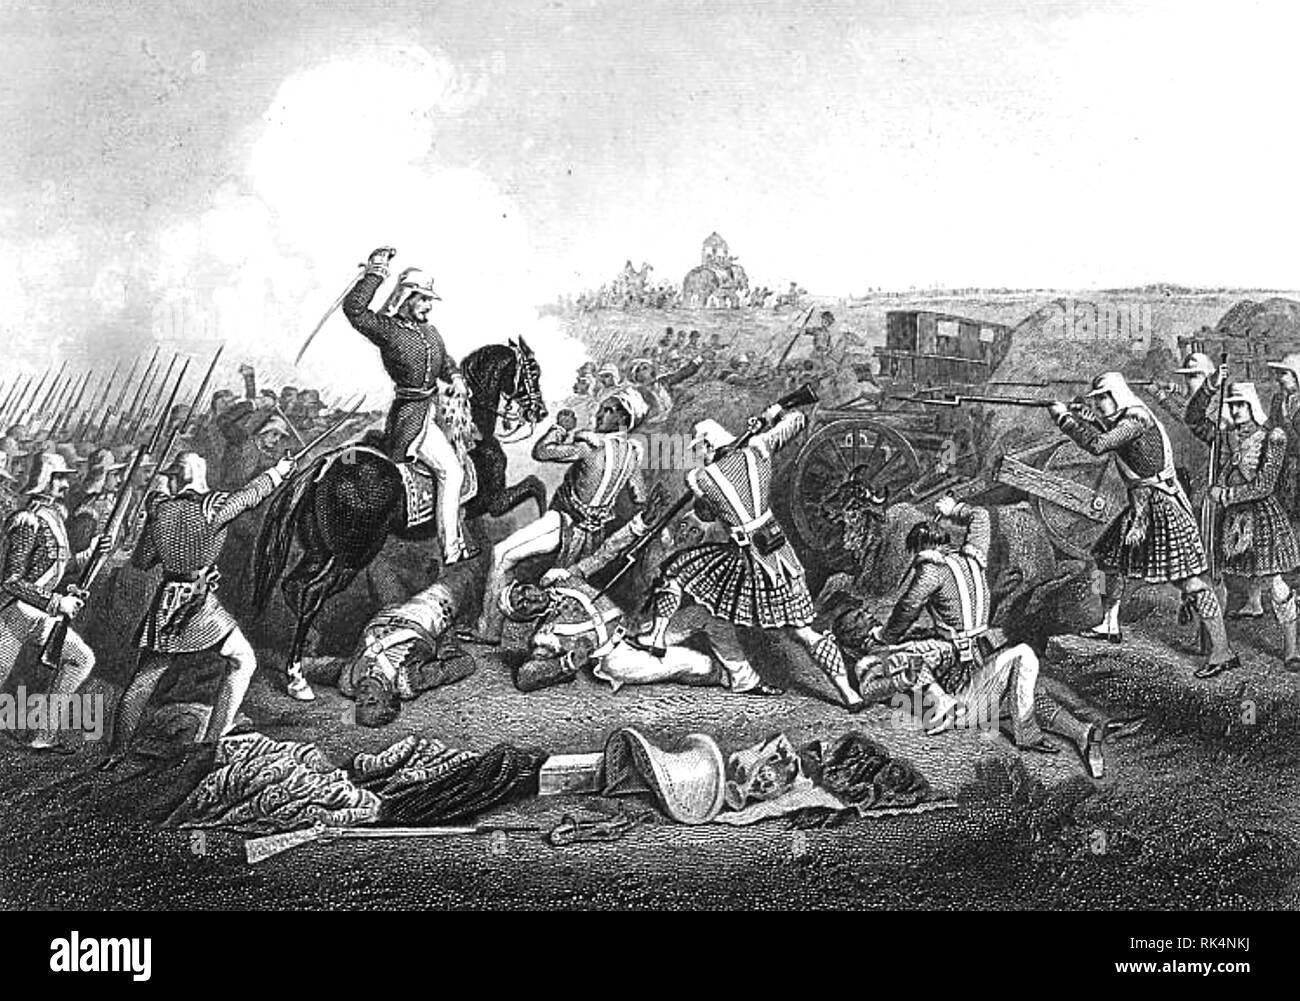 HENRY HAVELOCK (1795-1857) esercito britannico generale. Le sue forze di attaccare quelli di Nana Sahib a Futtyporer (Fatephur) nel 1857 durante l'ammutinamento indiano. Foto Stock